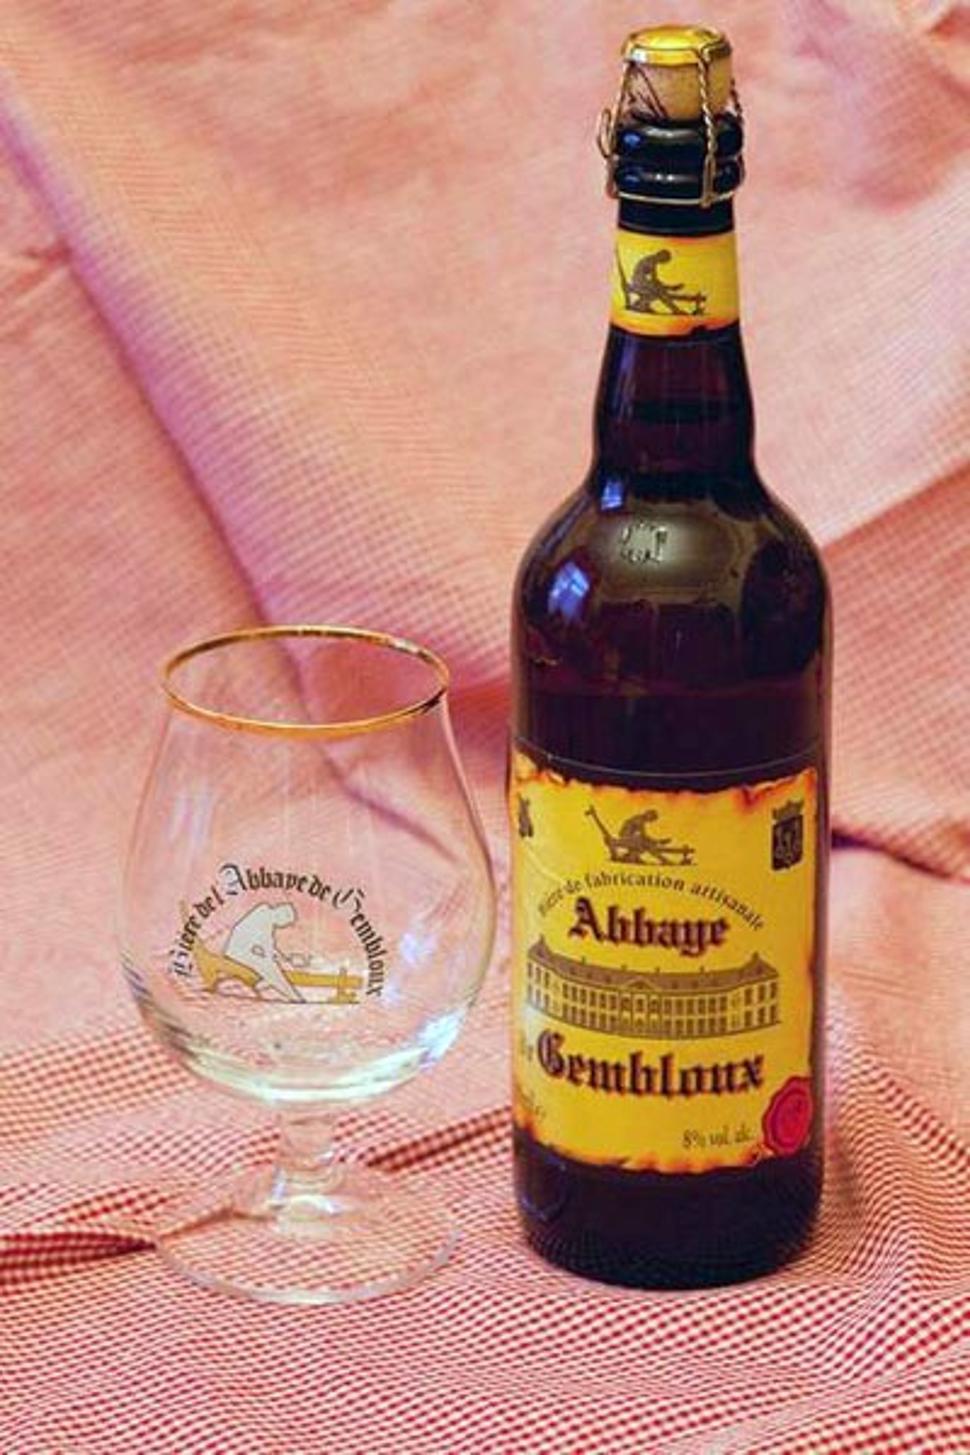 Bière abbaye gembloux